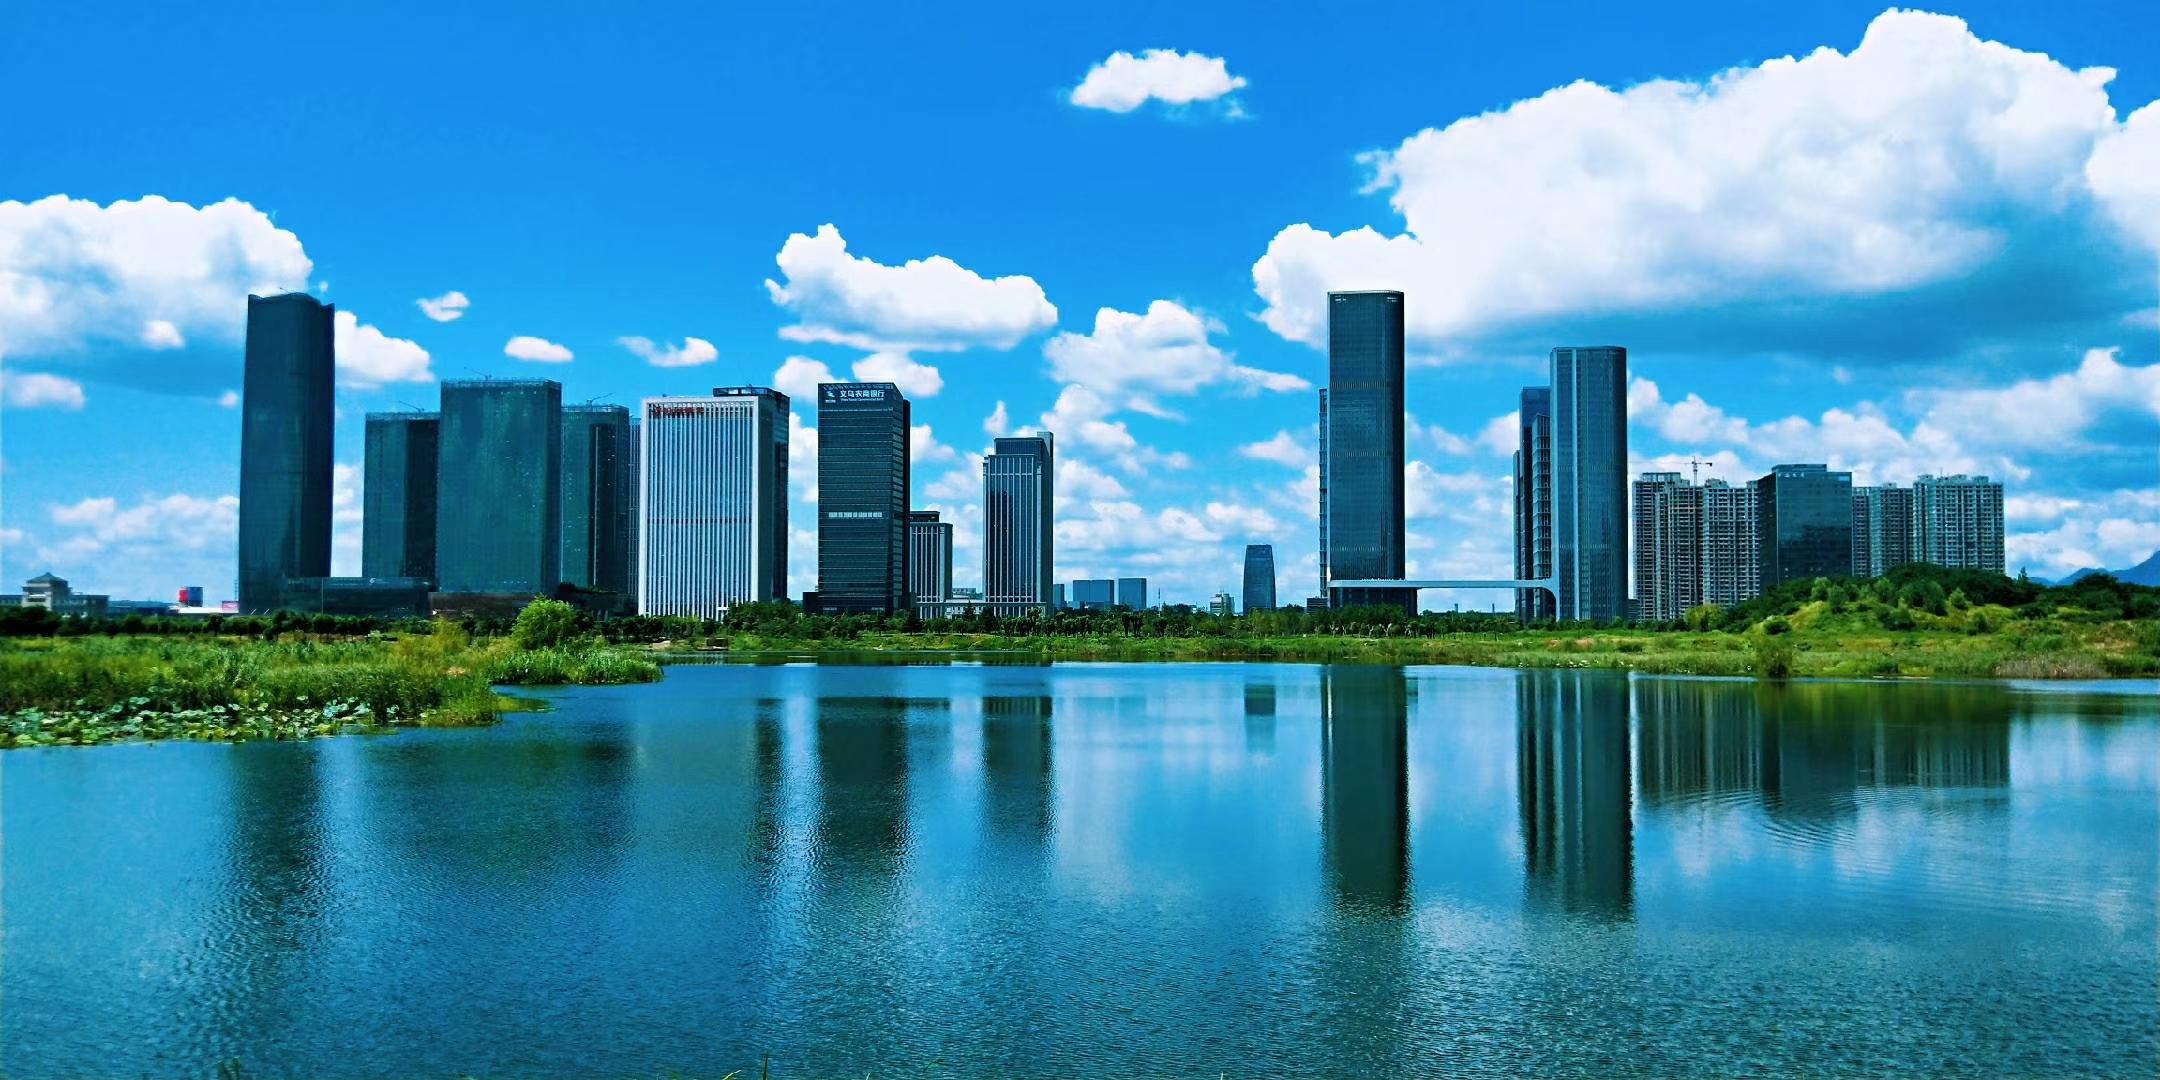 浙江(义乌)国家标准技术审评中心首次成功承办国家标准立项评估会